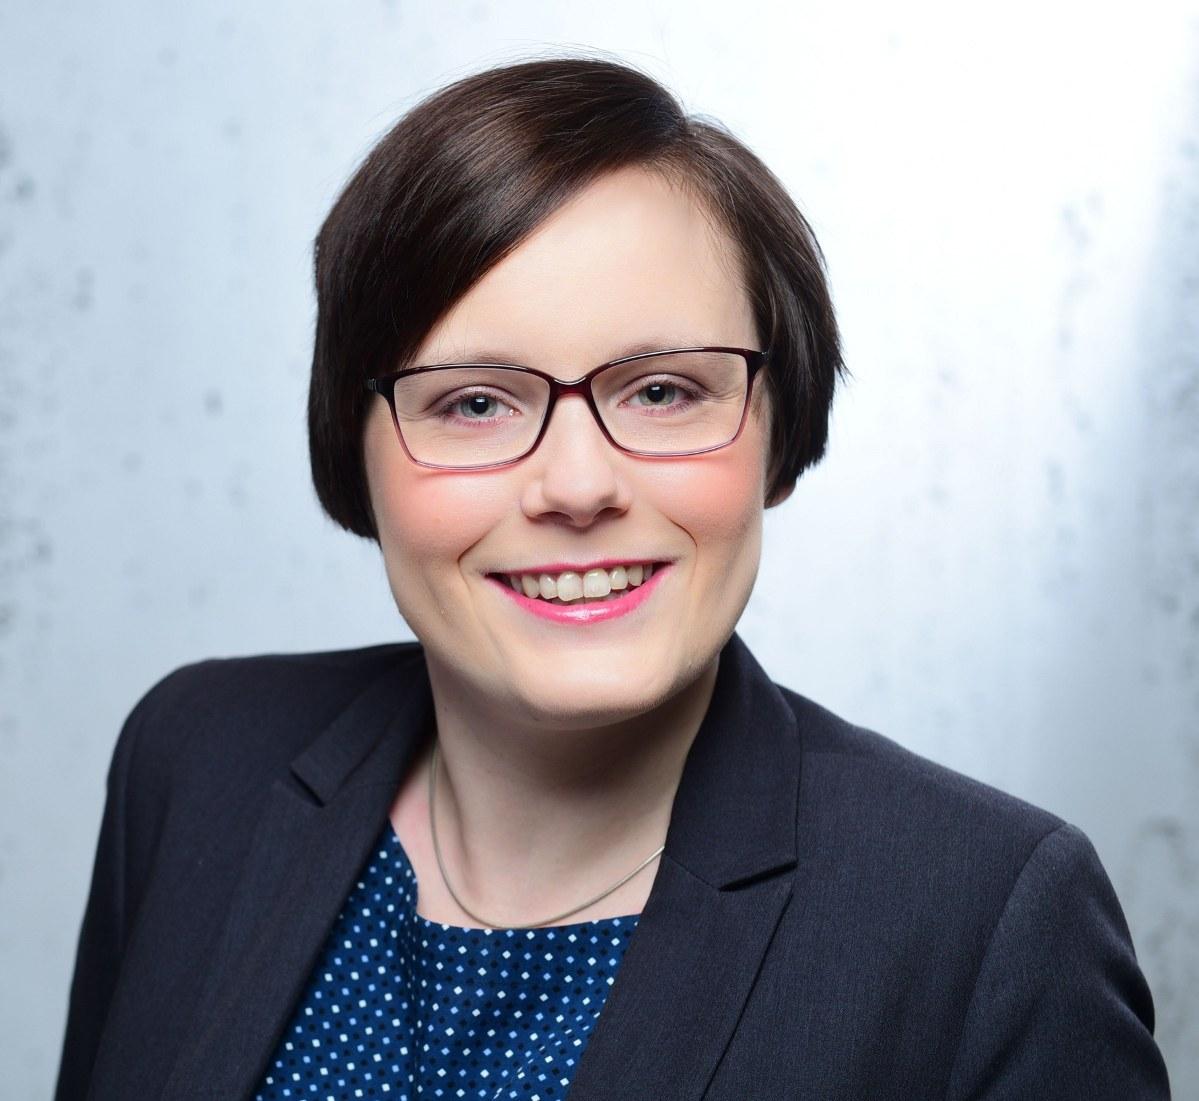 Nicole Najemnik